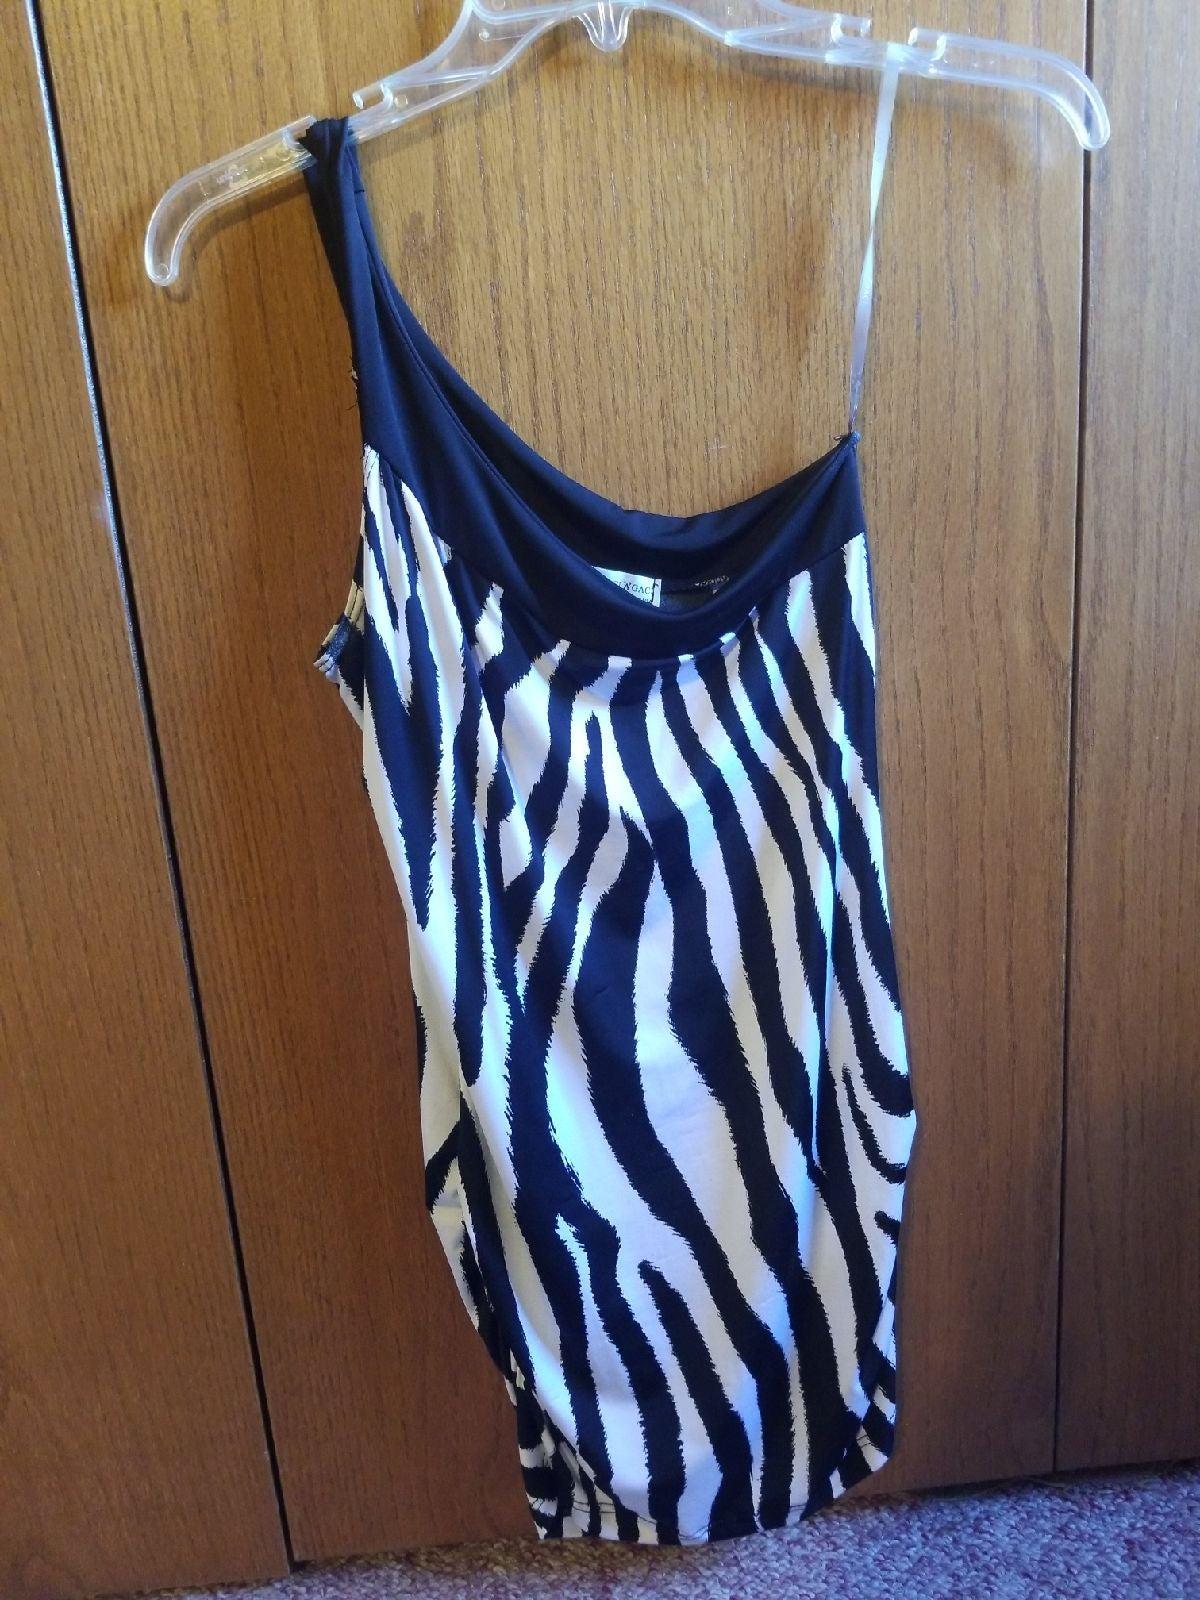 Zebra One shoulder top